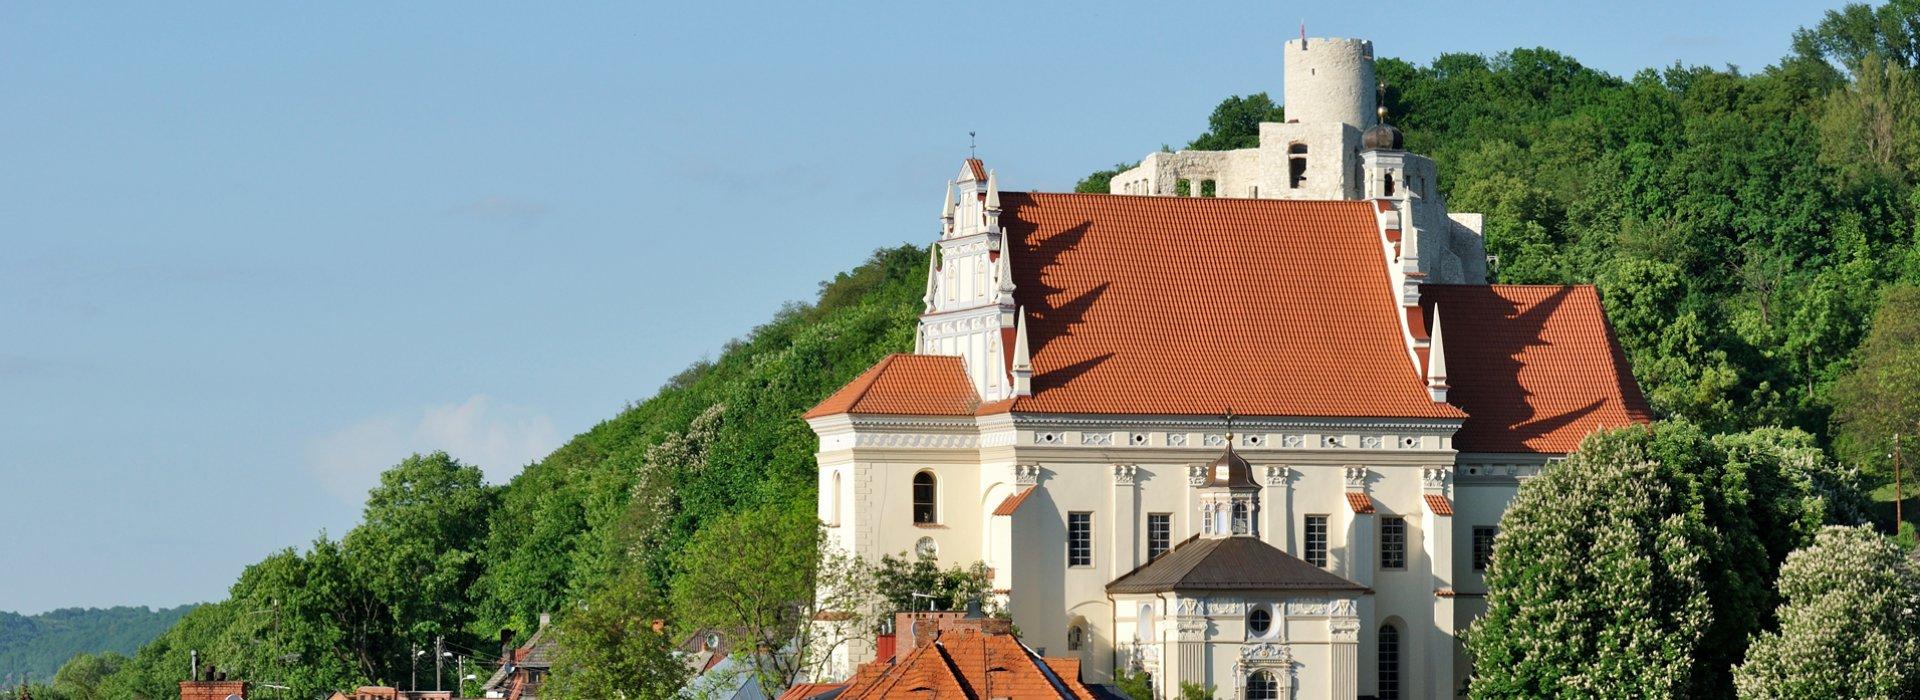 Gorgeous small city Kazimierz